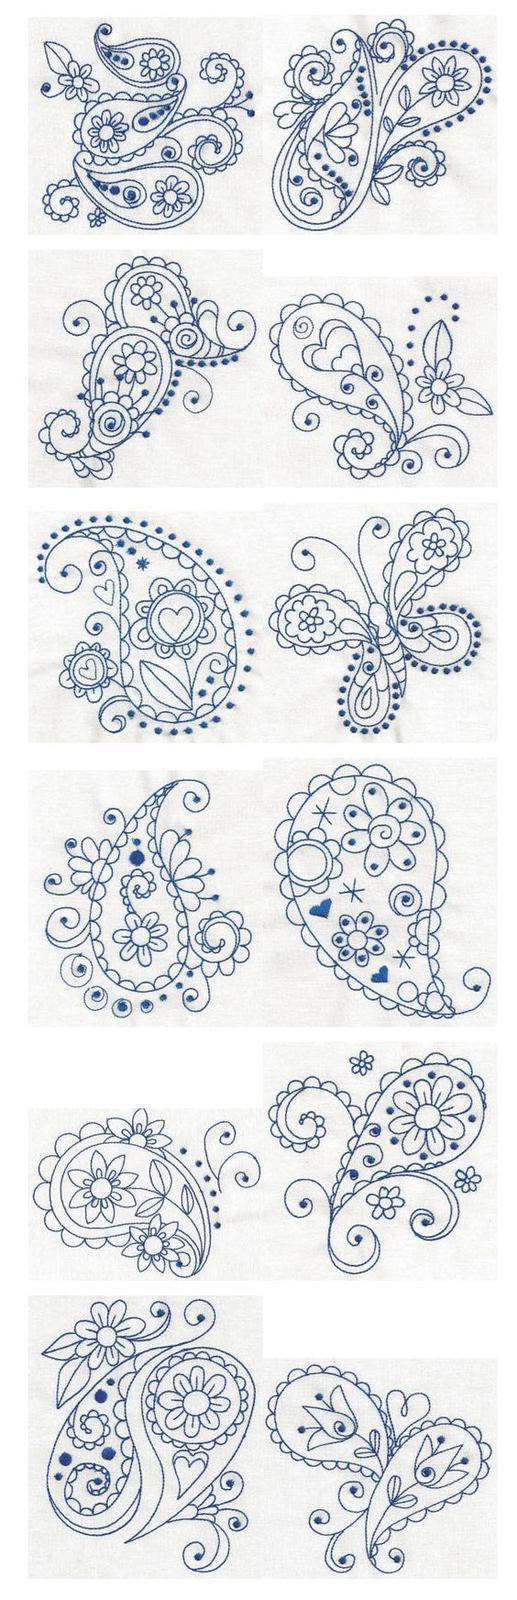 DIY a inspiracie - podklady pre vlastnú výrobu. - Obrázok č. 31